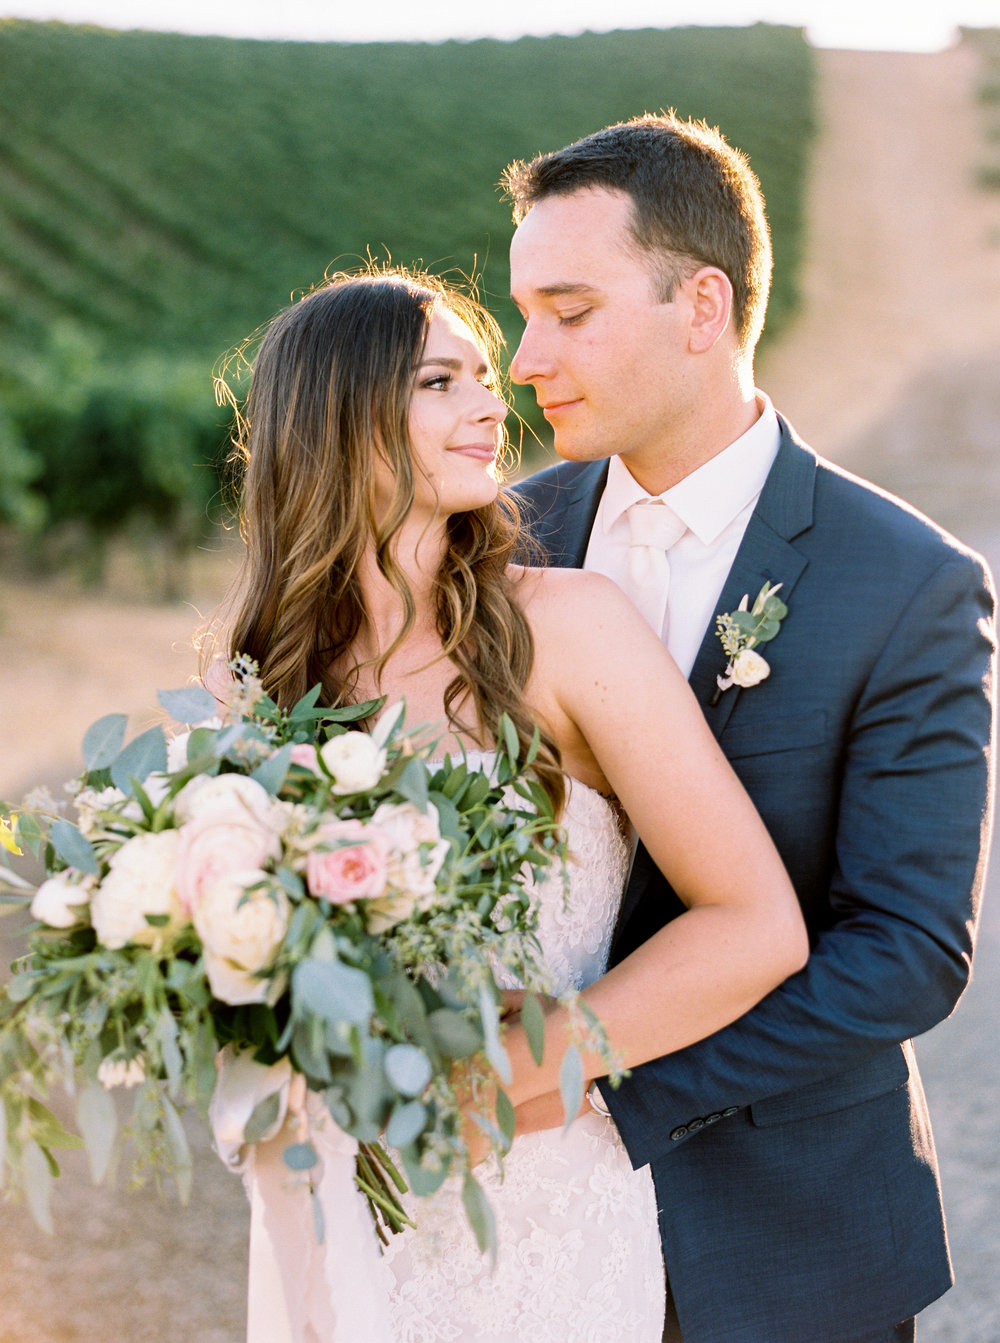 muriettas-well-wedding-in-livermore-california-76.jpg